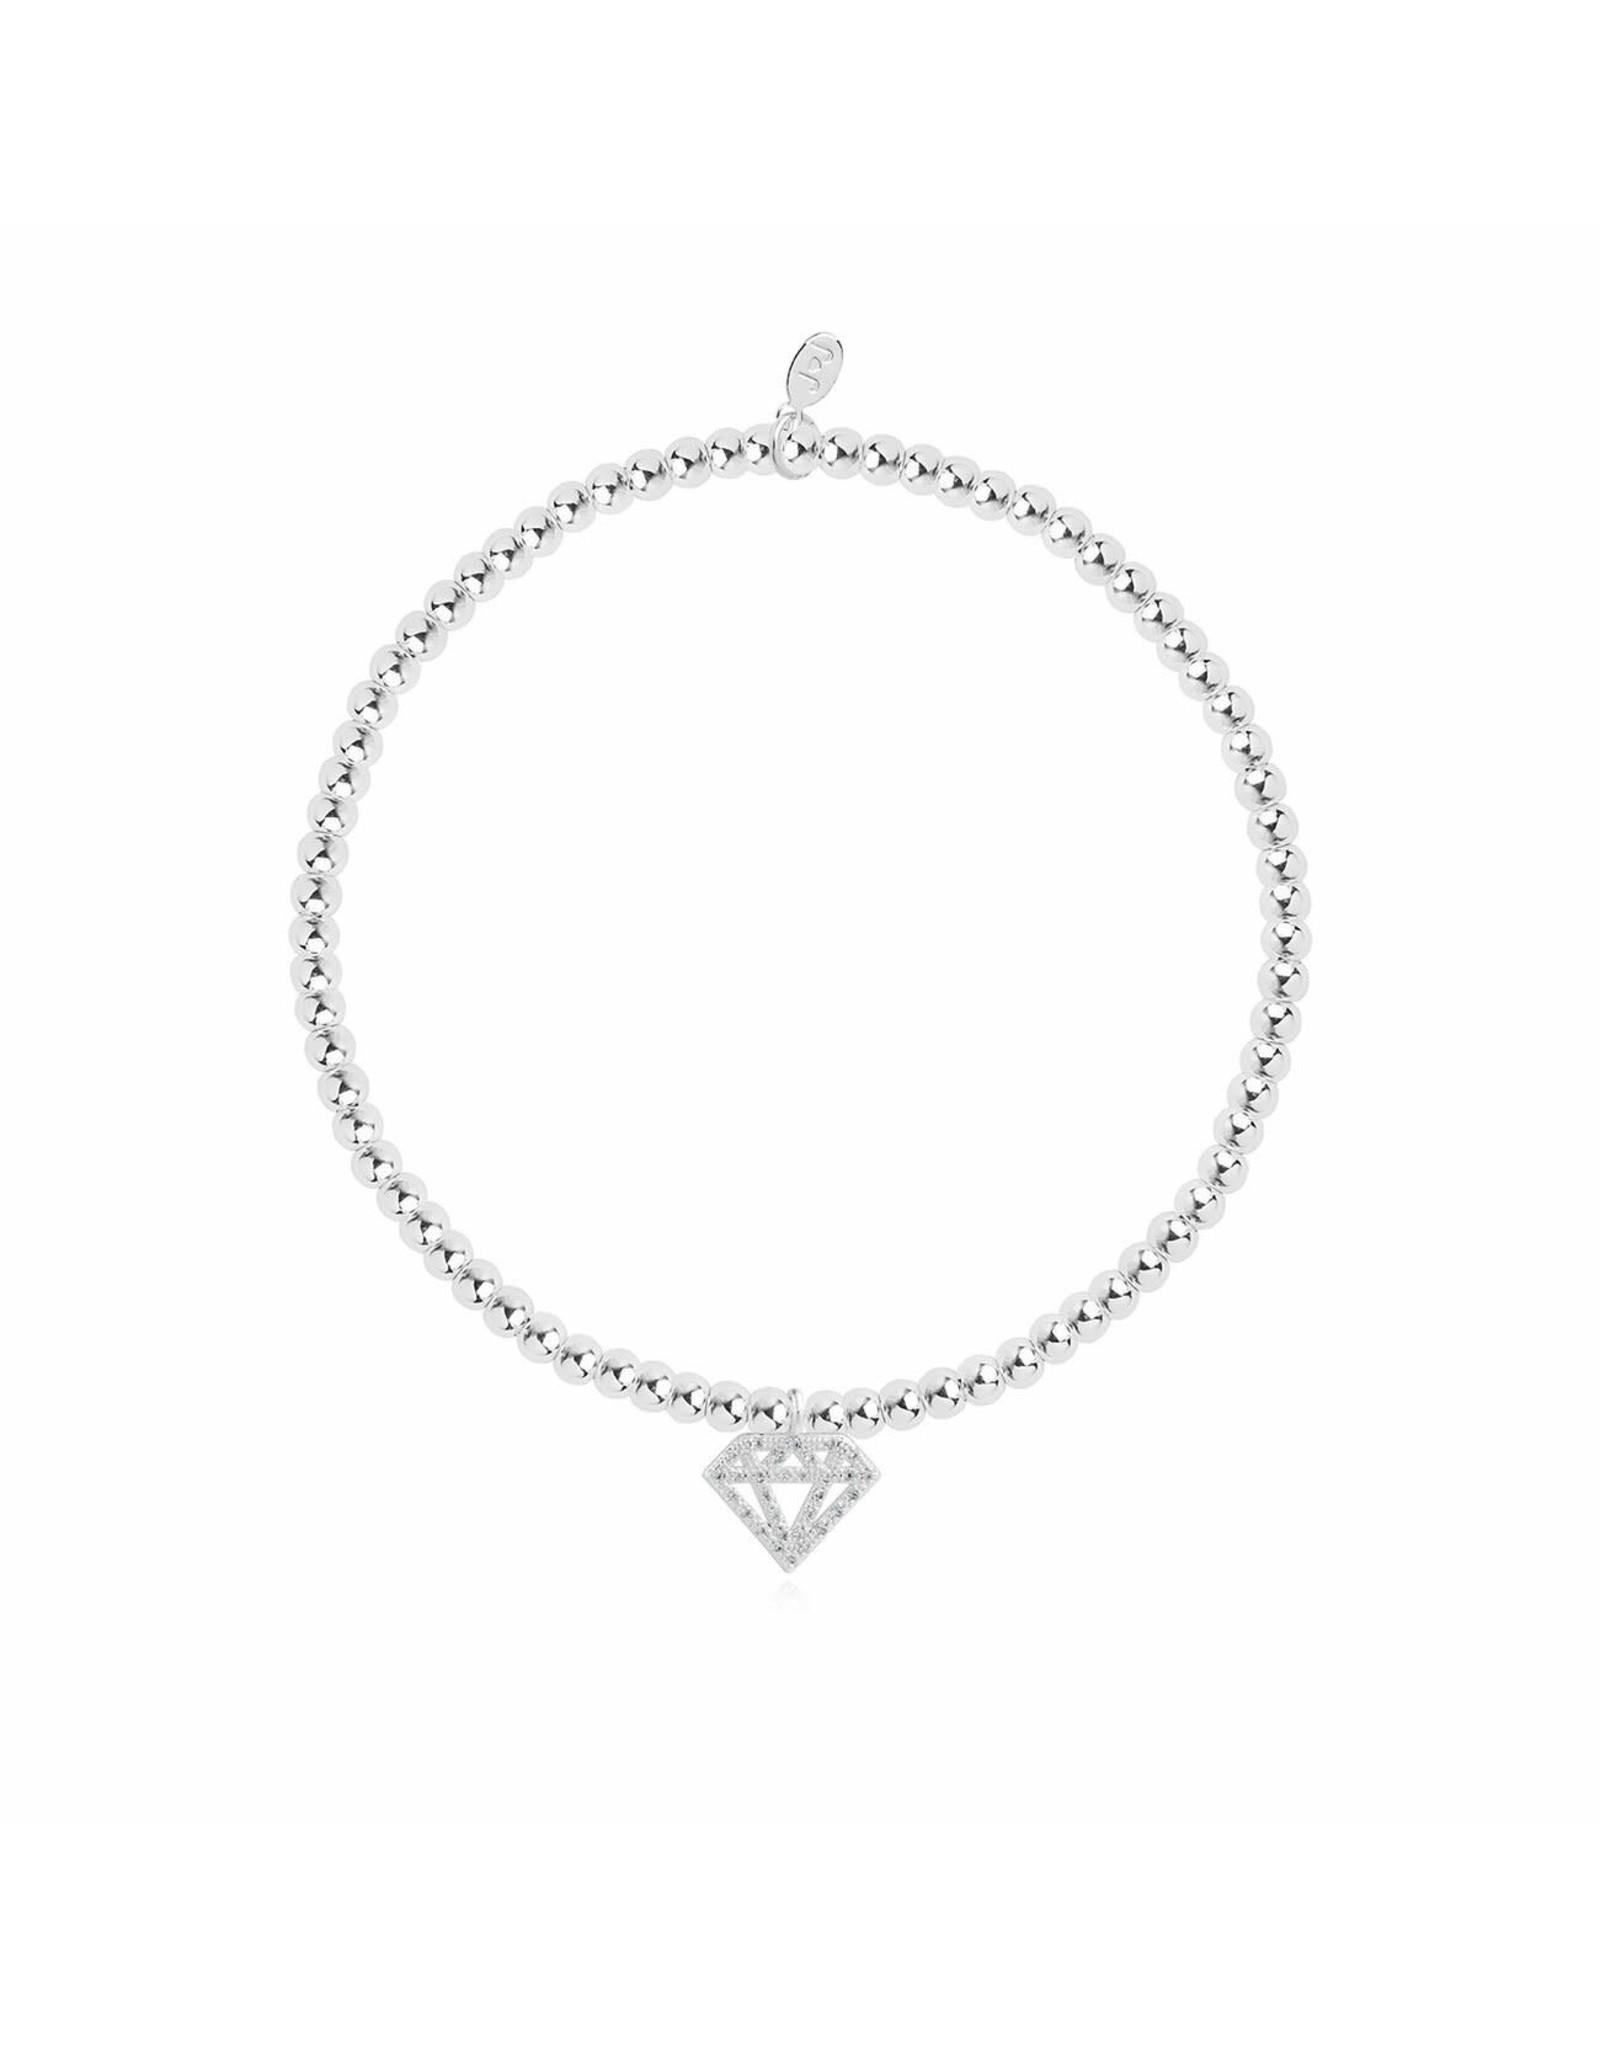 Joma Jewellery A Little - Sparkle like a Diamond - Armband